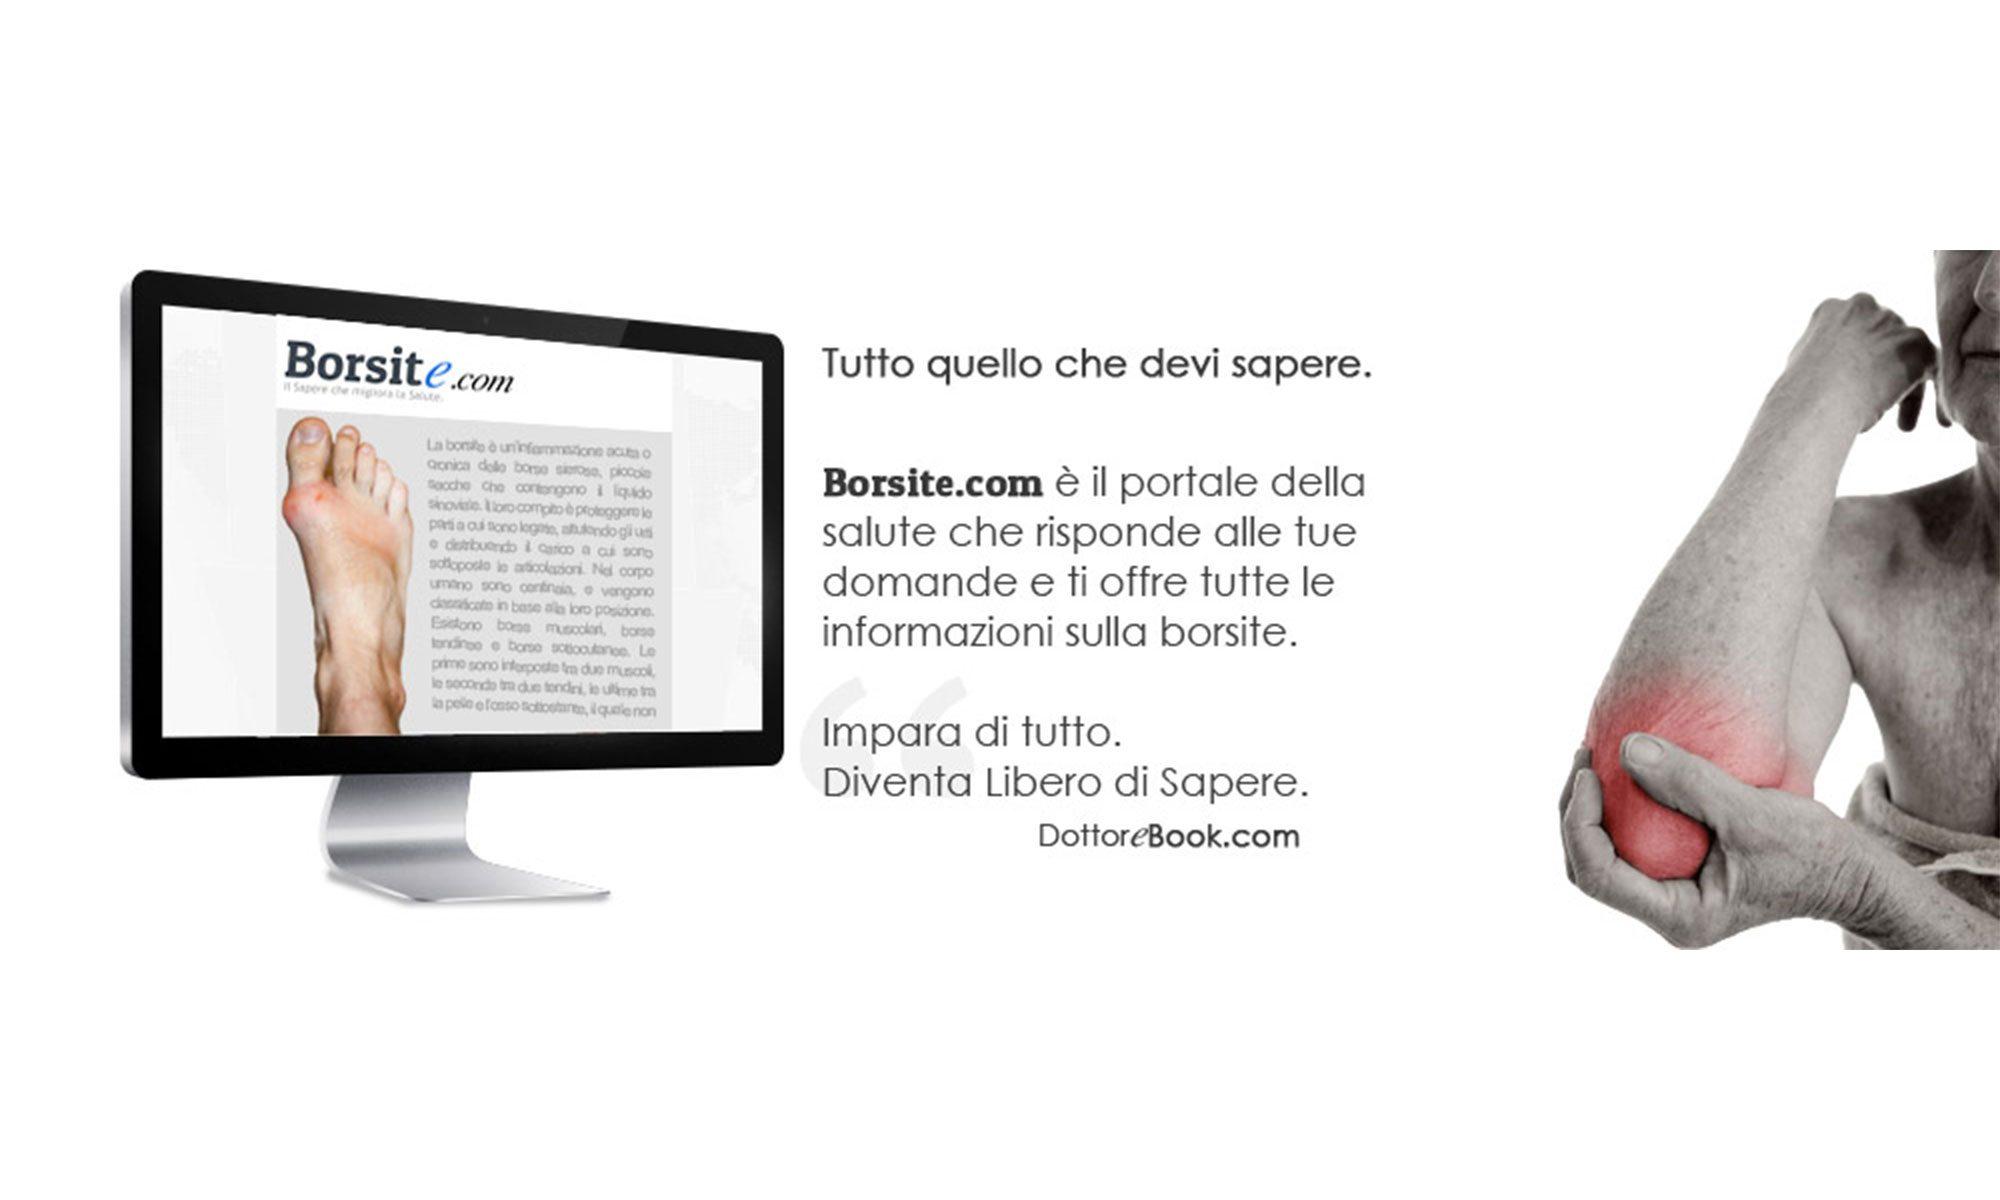 Borsite.com